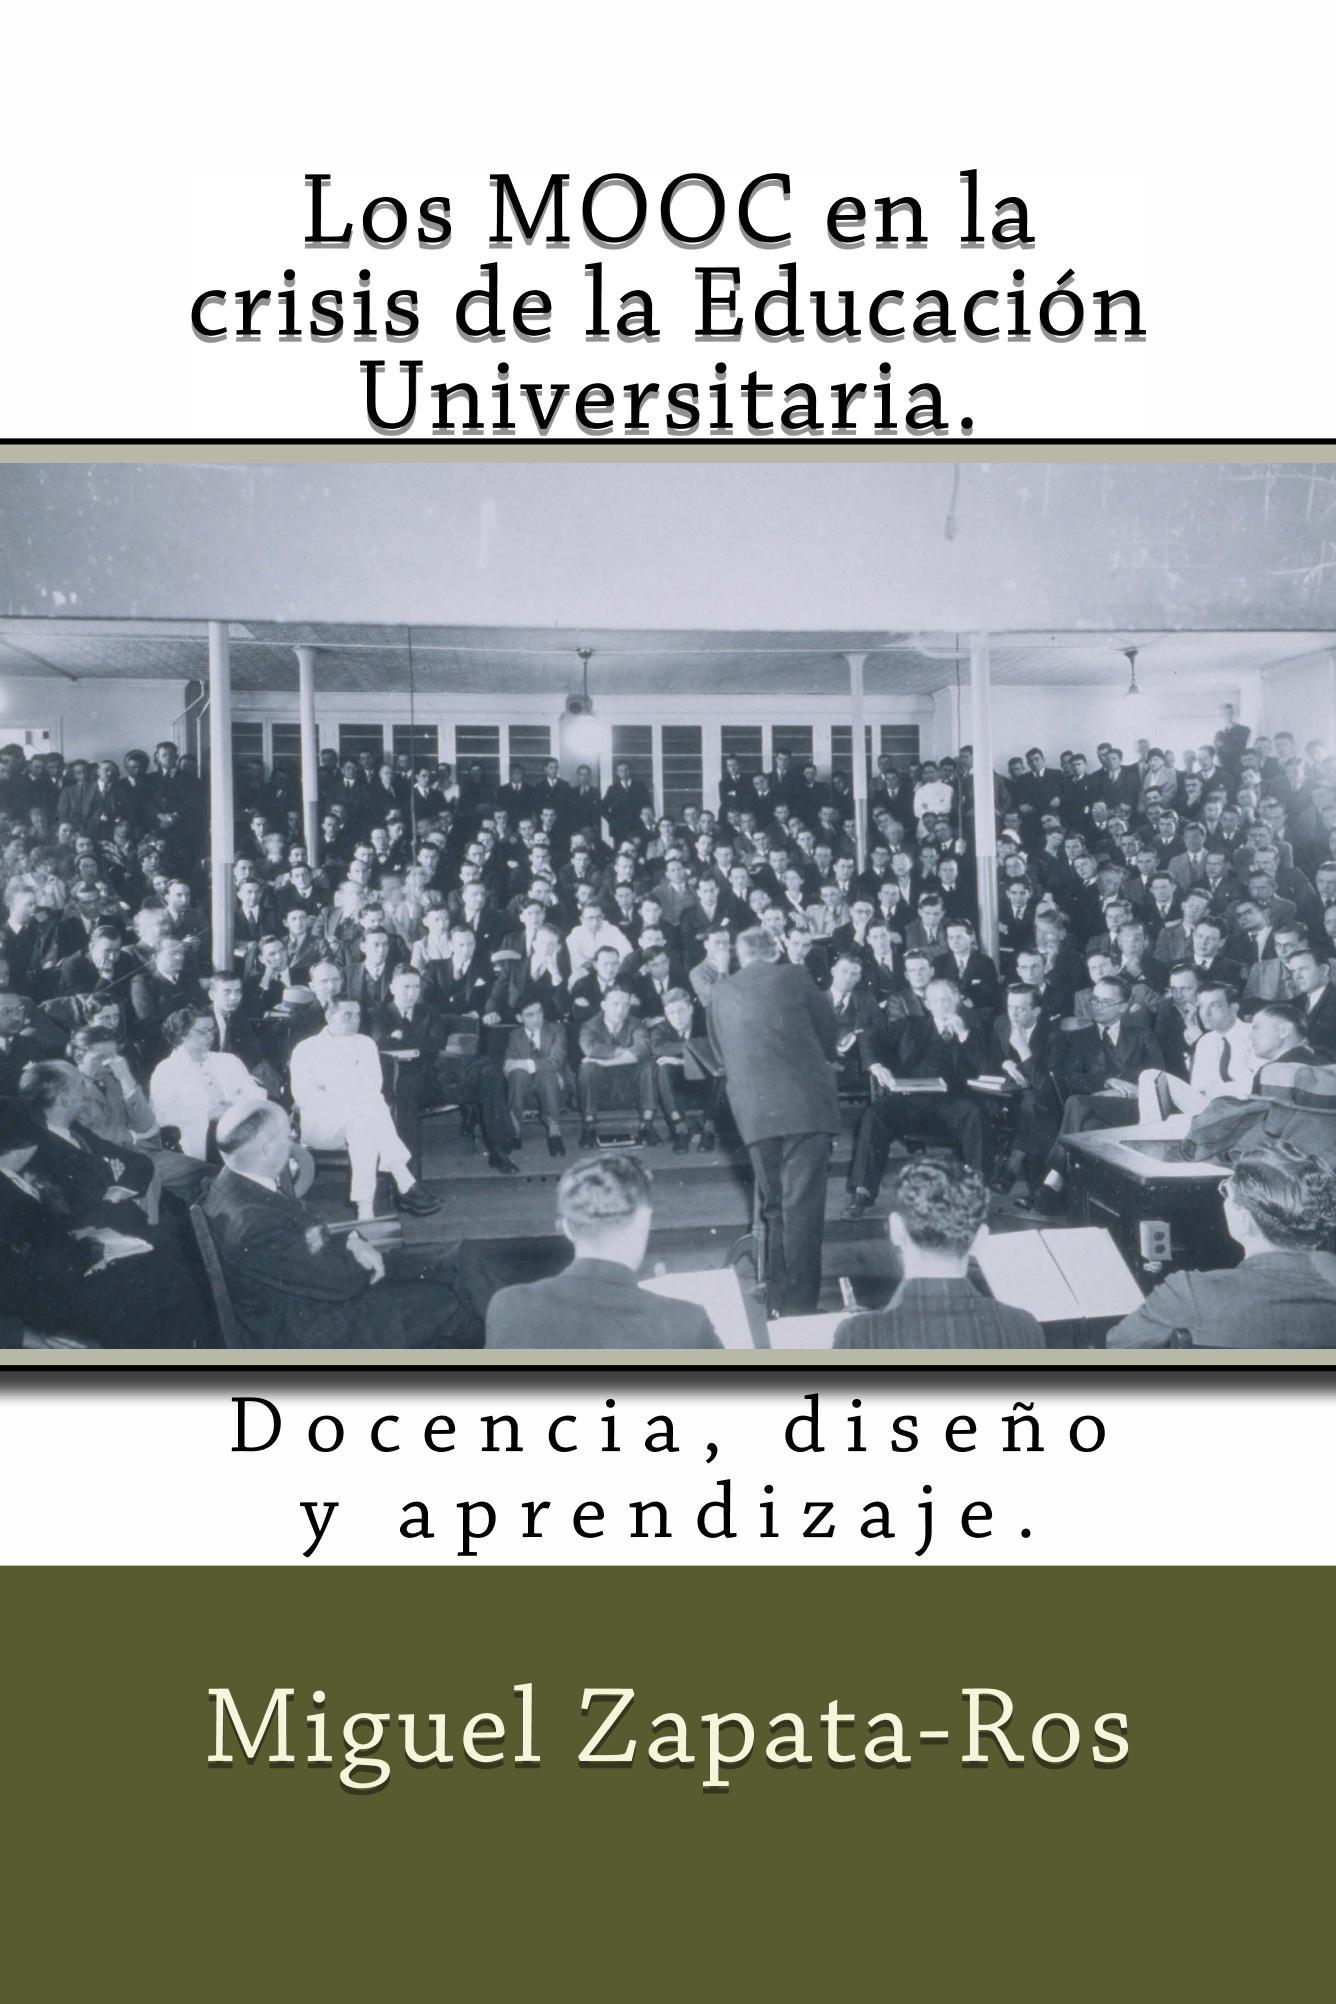 Los MOOC en la crisis de la Educación universitaris